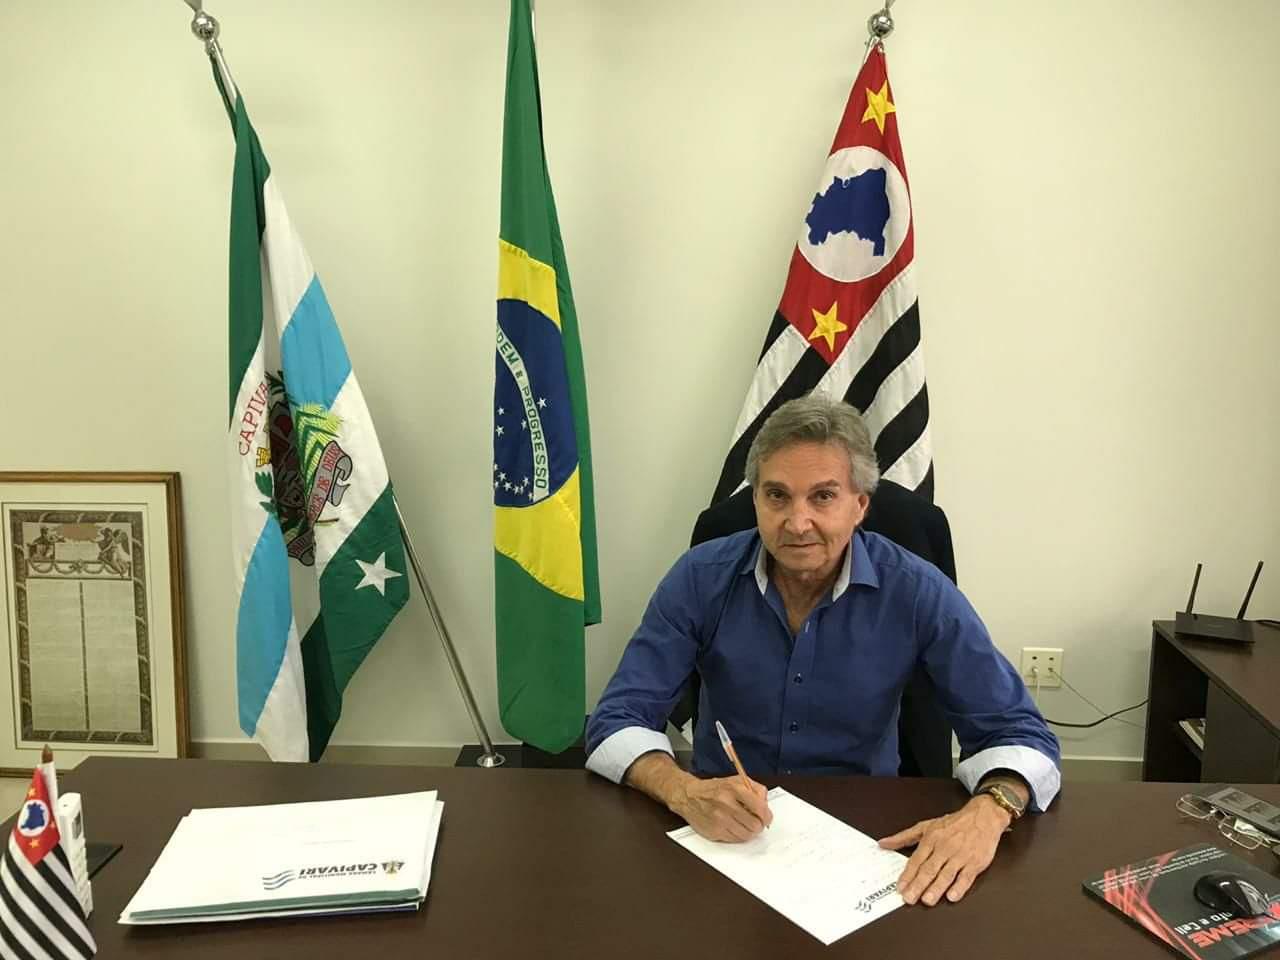 Vereador Flávio Carvalho prepara moção para que o INSS não retire benefícios da população